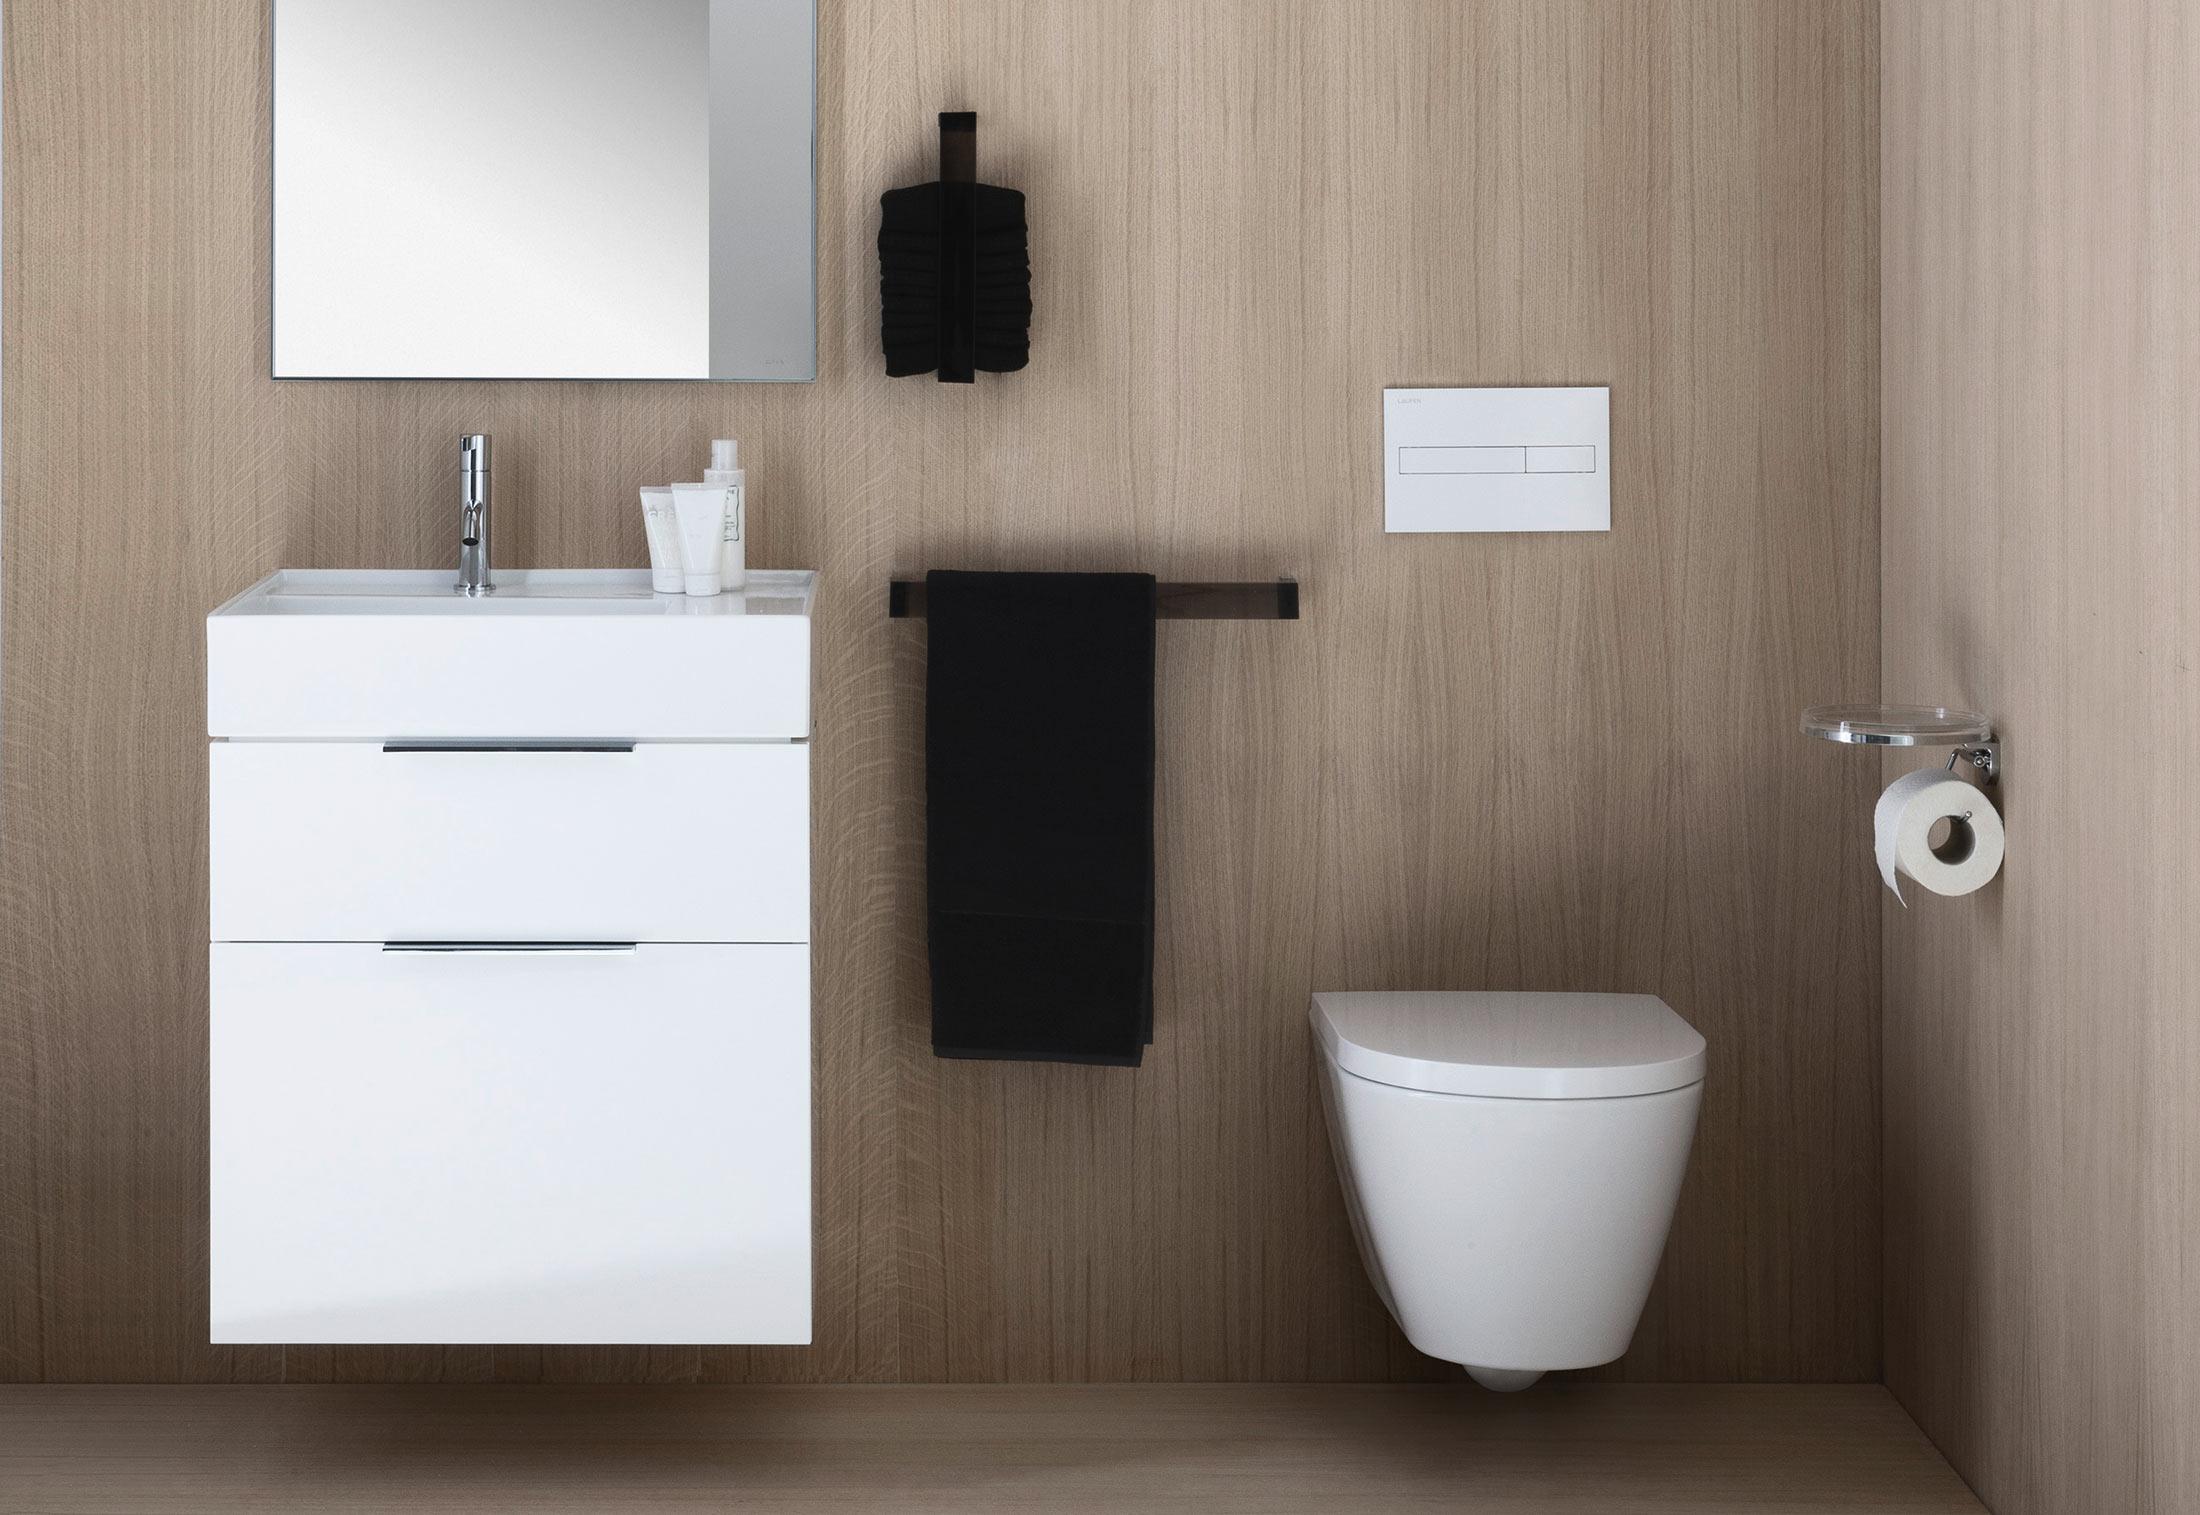 kartell by laufen waschtischunterbau von laufen stylepark. Black Bedroom Furniture Sets. Home Design Ideas